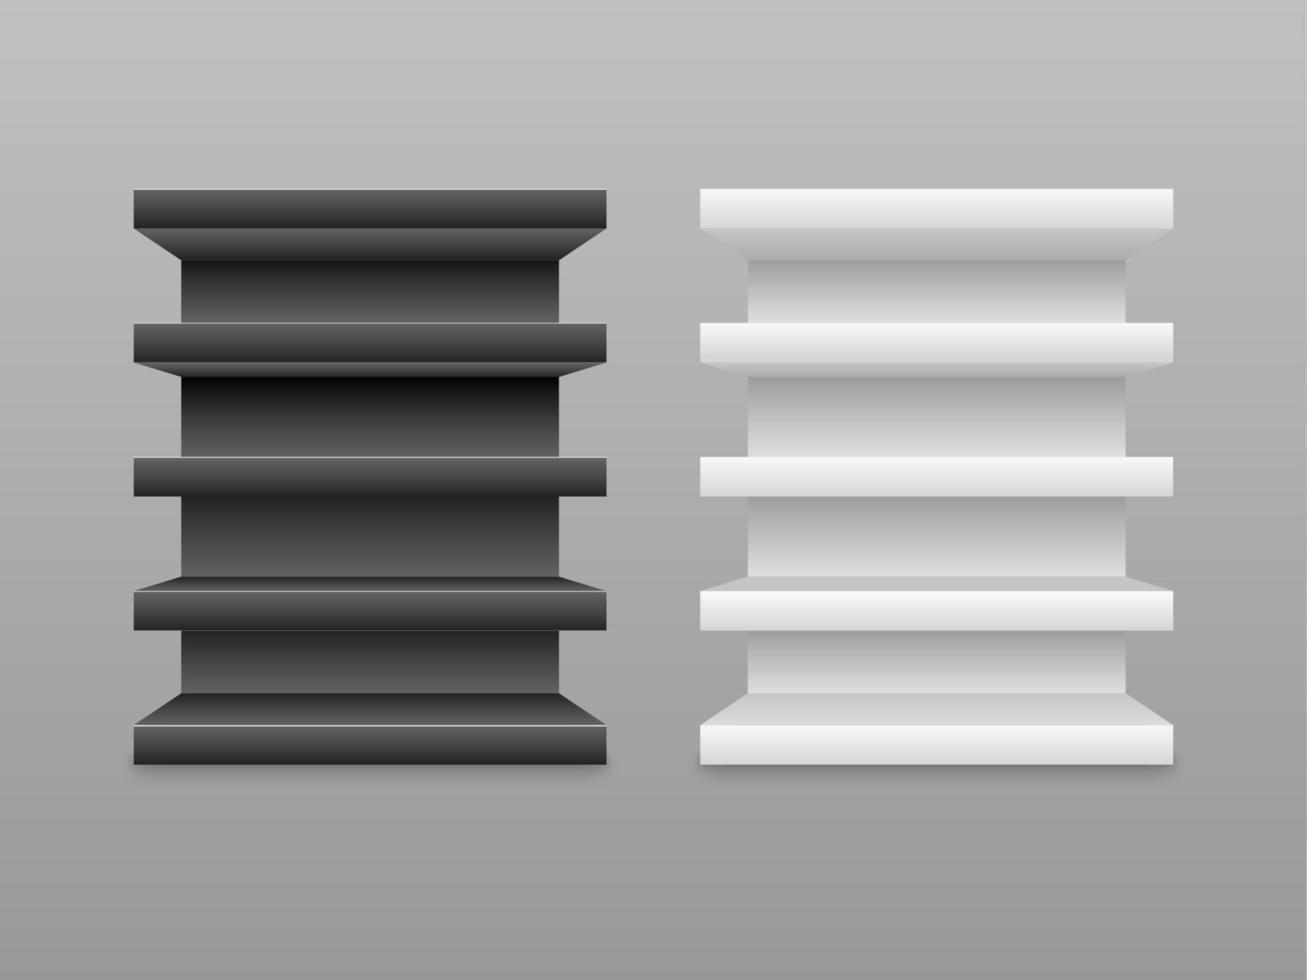 lege zwart-witte planken die op grijze achtergrond, vectorillustratie worden geïsoleerd vector